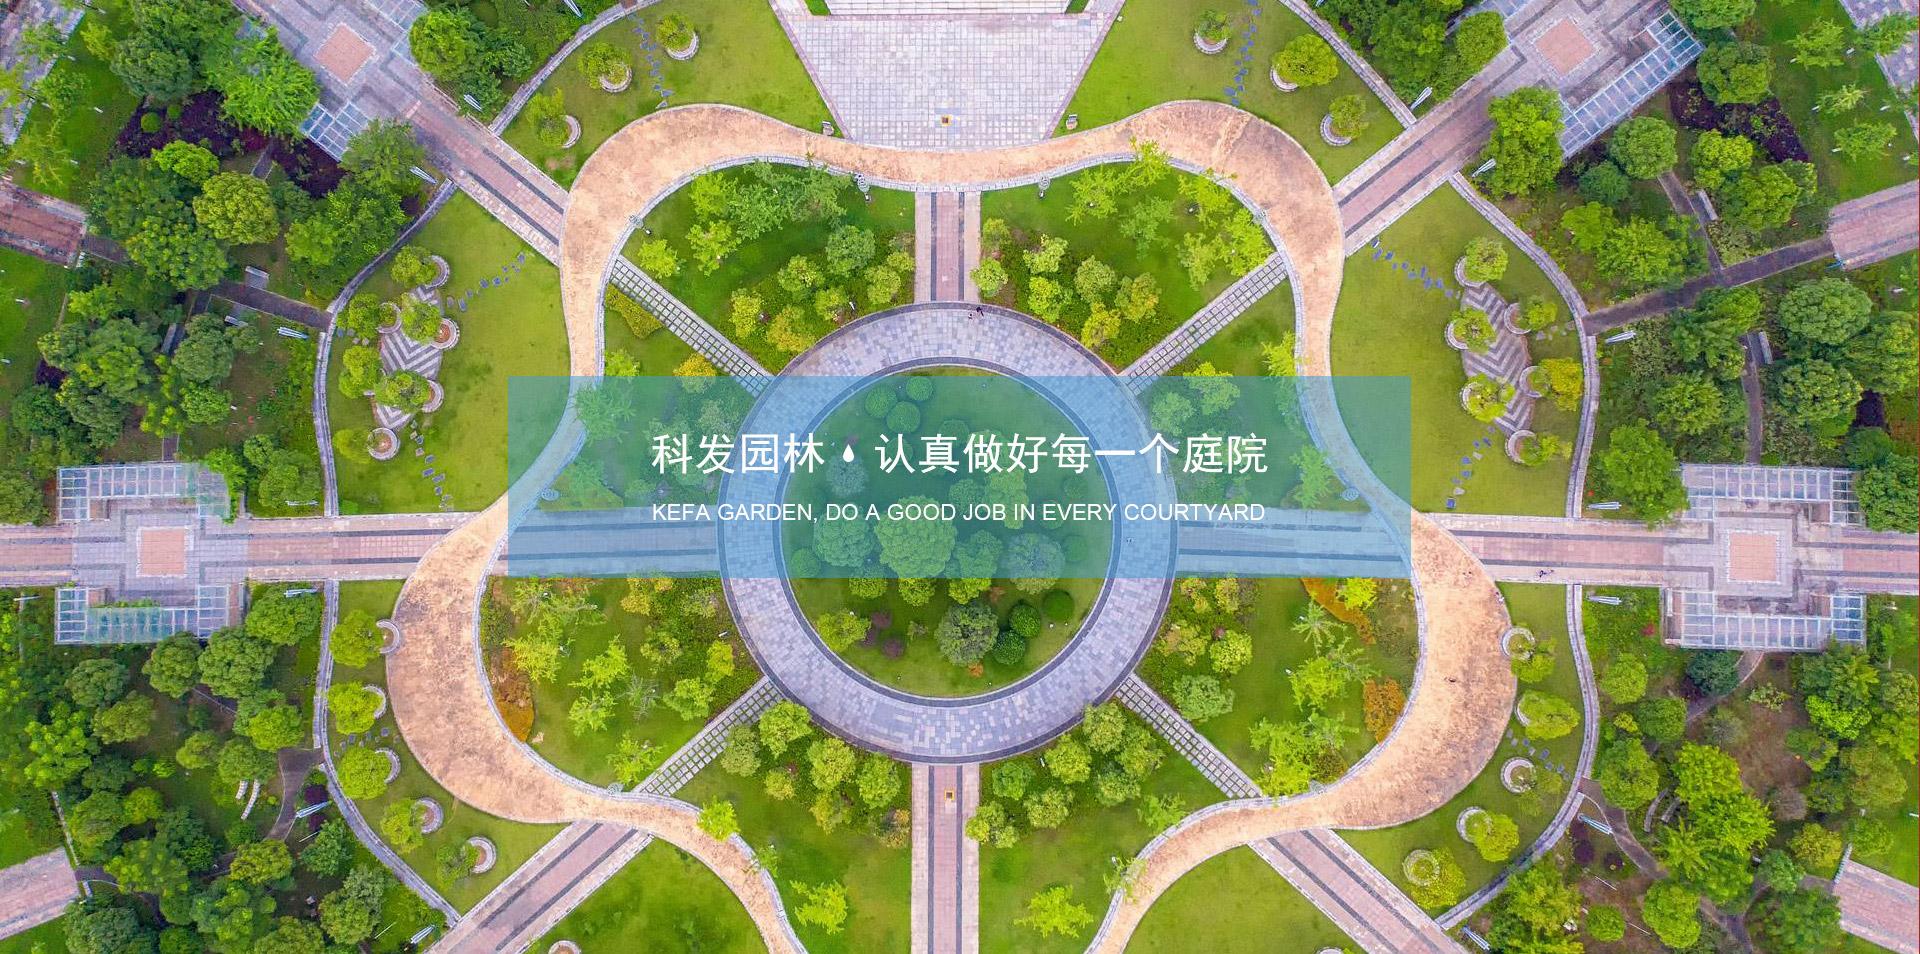 内蒙古园林绿化